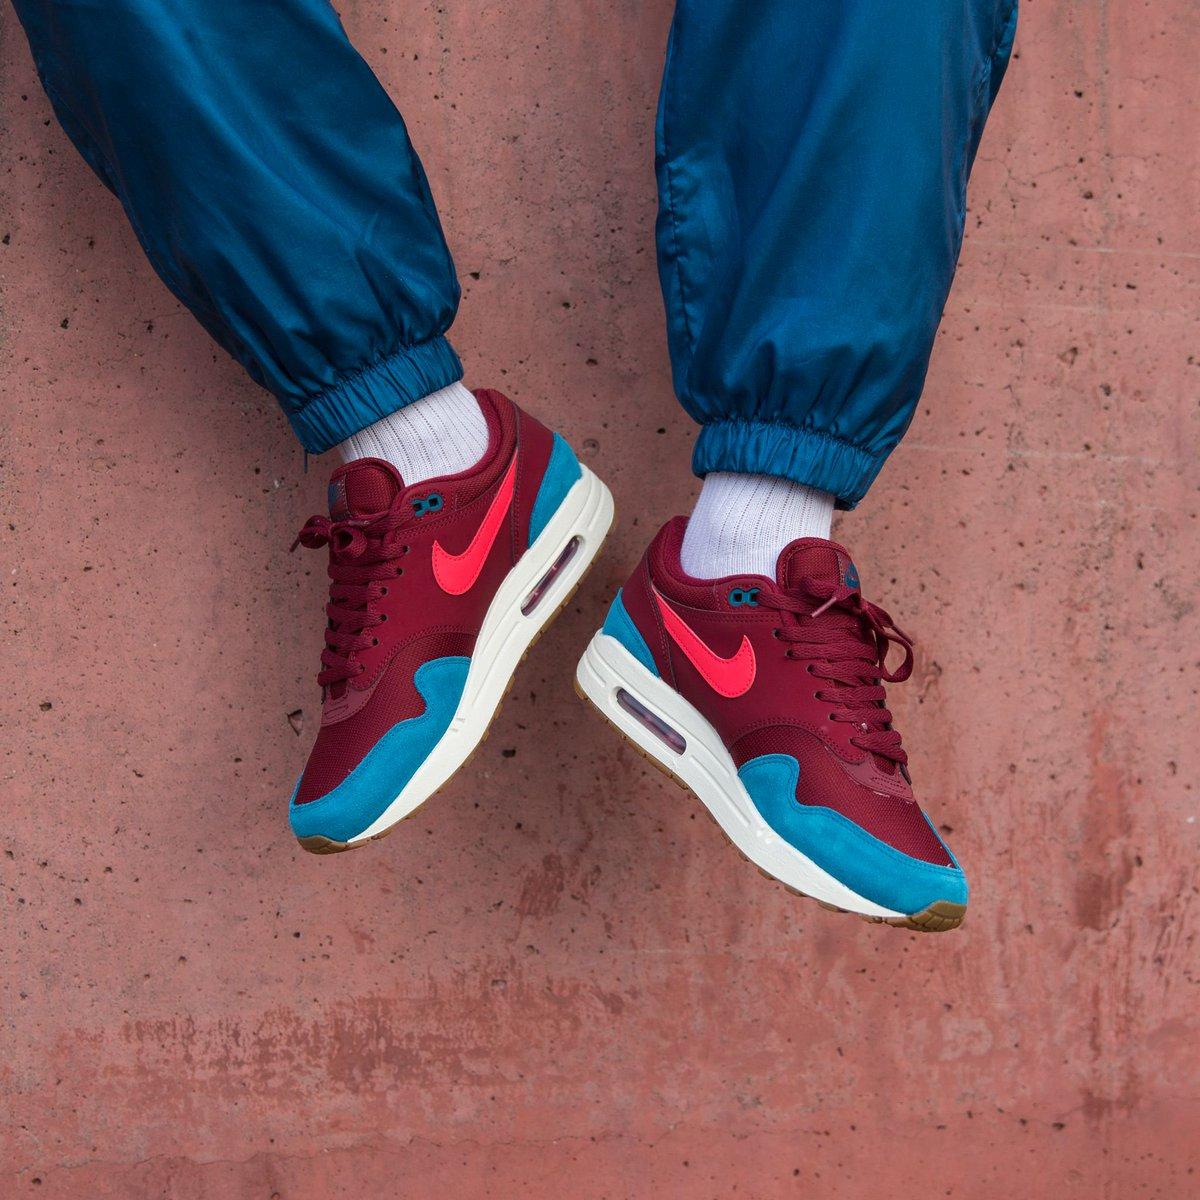 sports shoes 46247 73ed4 1 30 PM - 24 Nov 2018